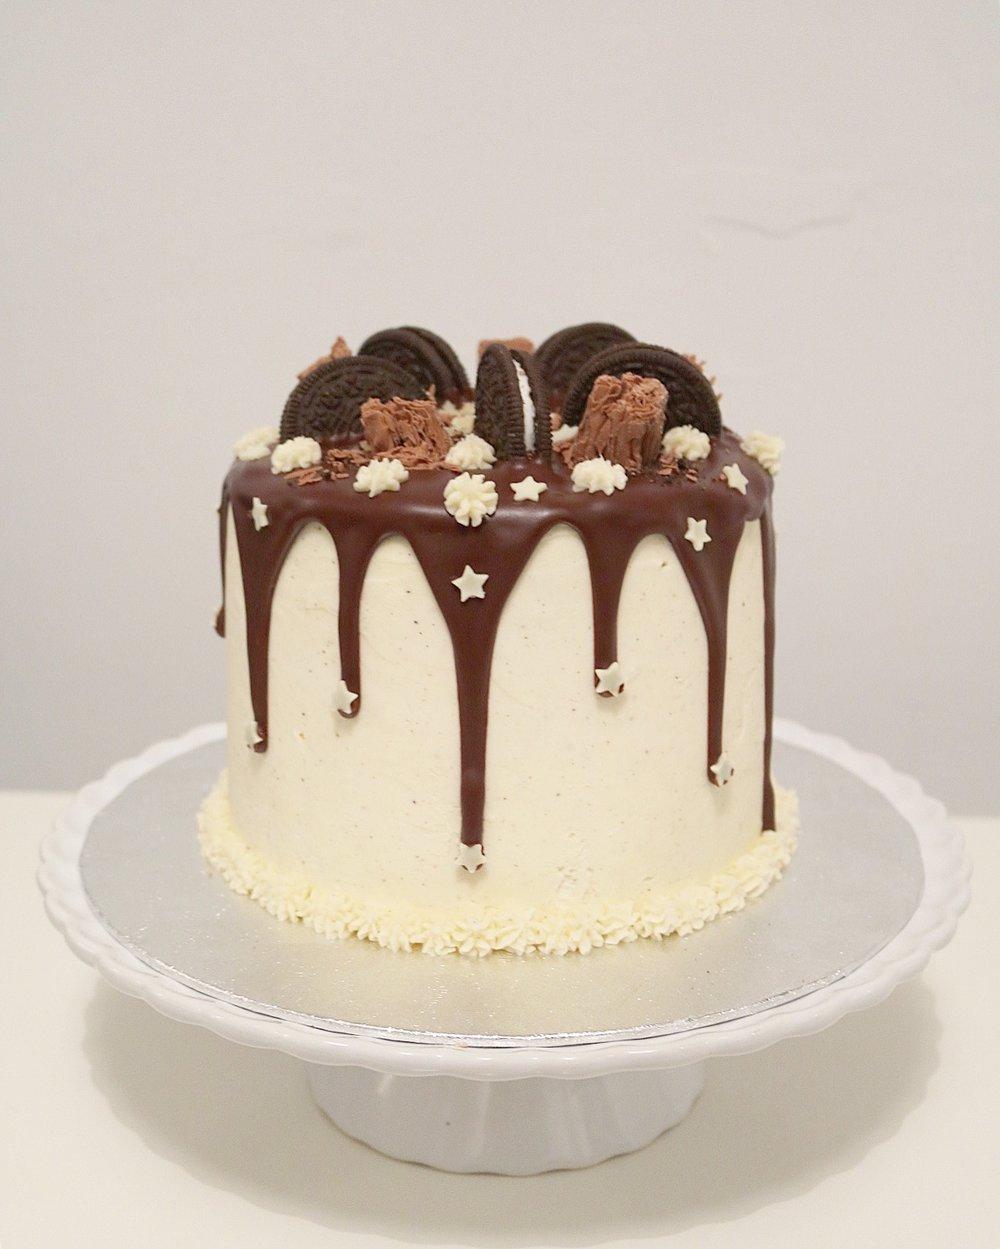 Vegan Oreo Drip Cake